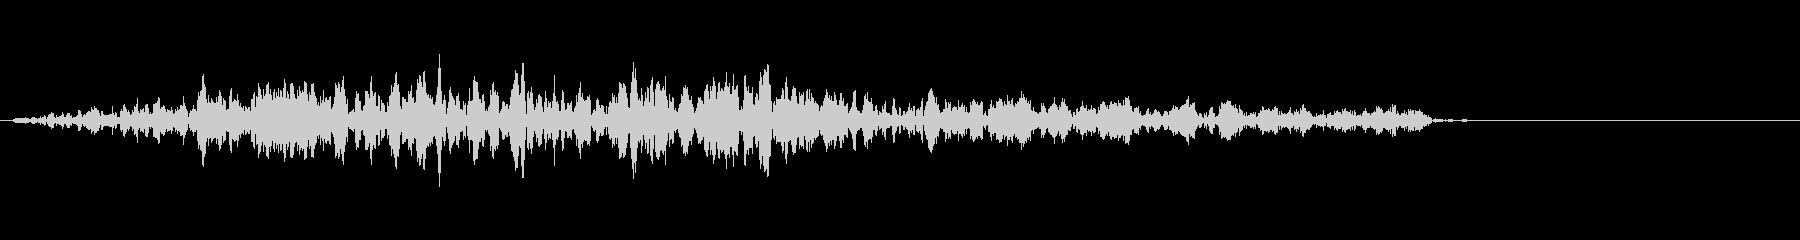 シューッという音EC07_88_4 2の未再生の波形